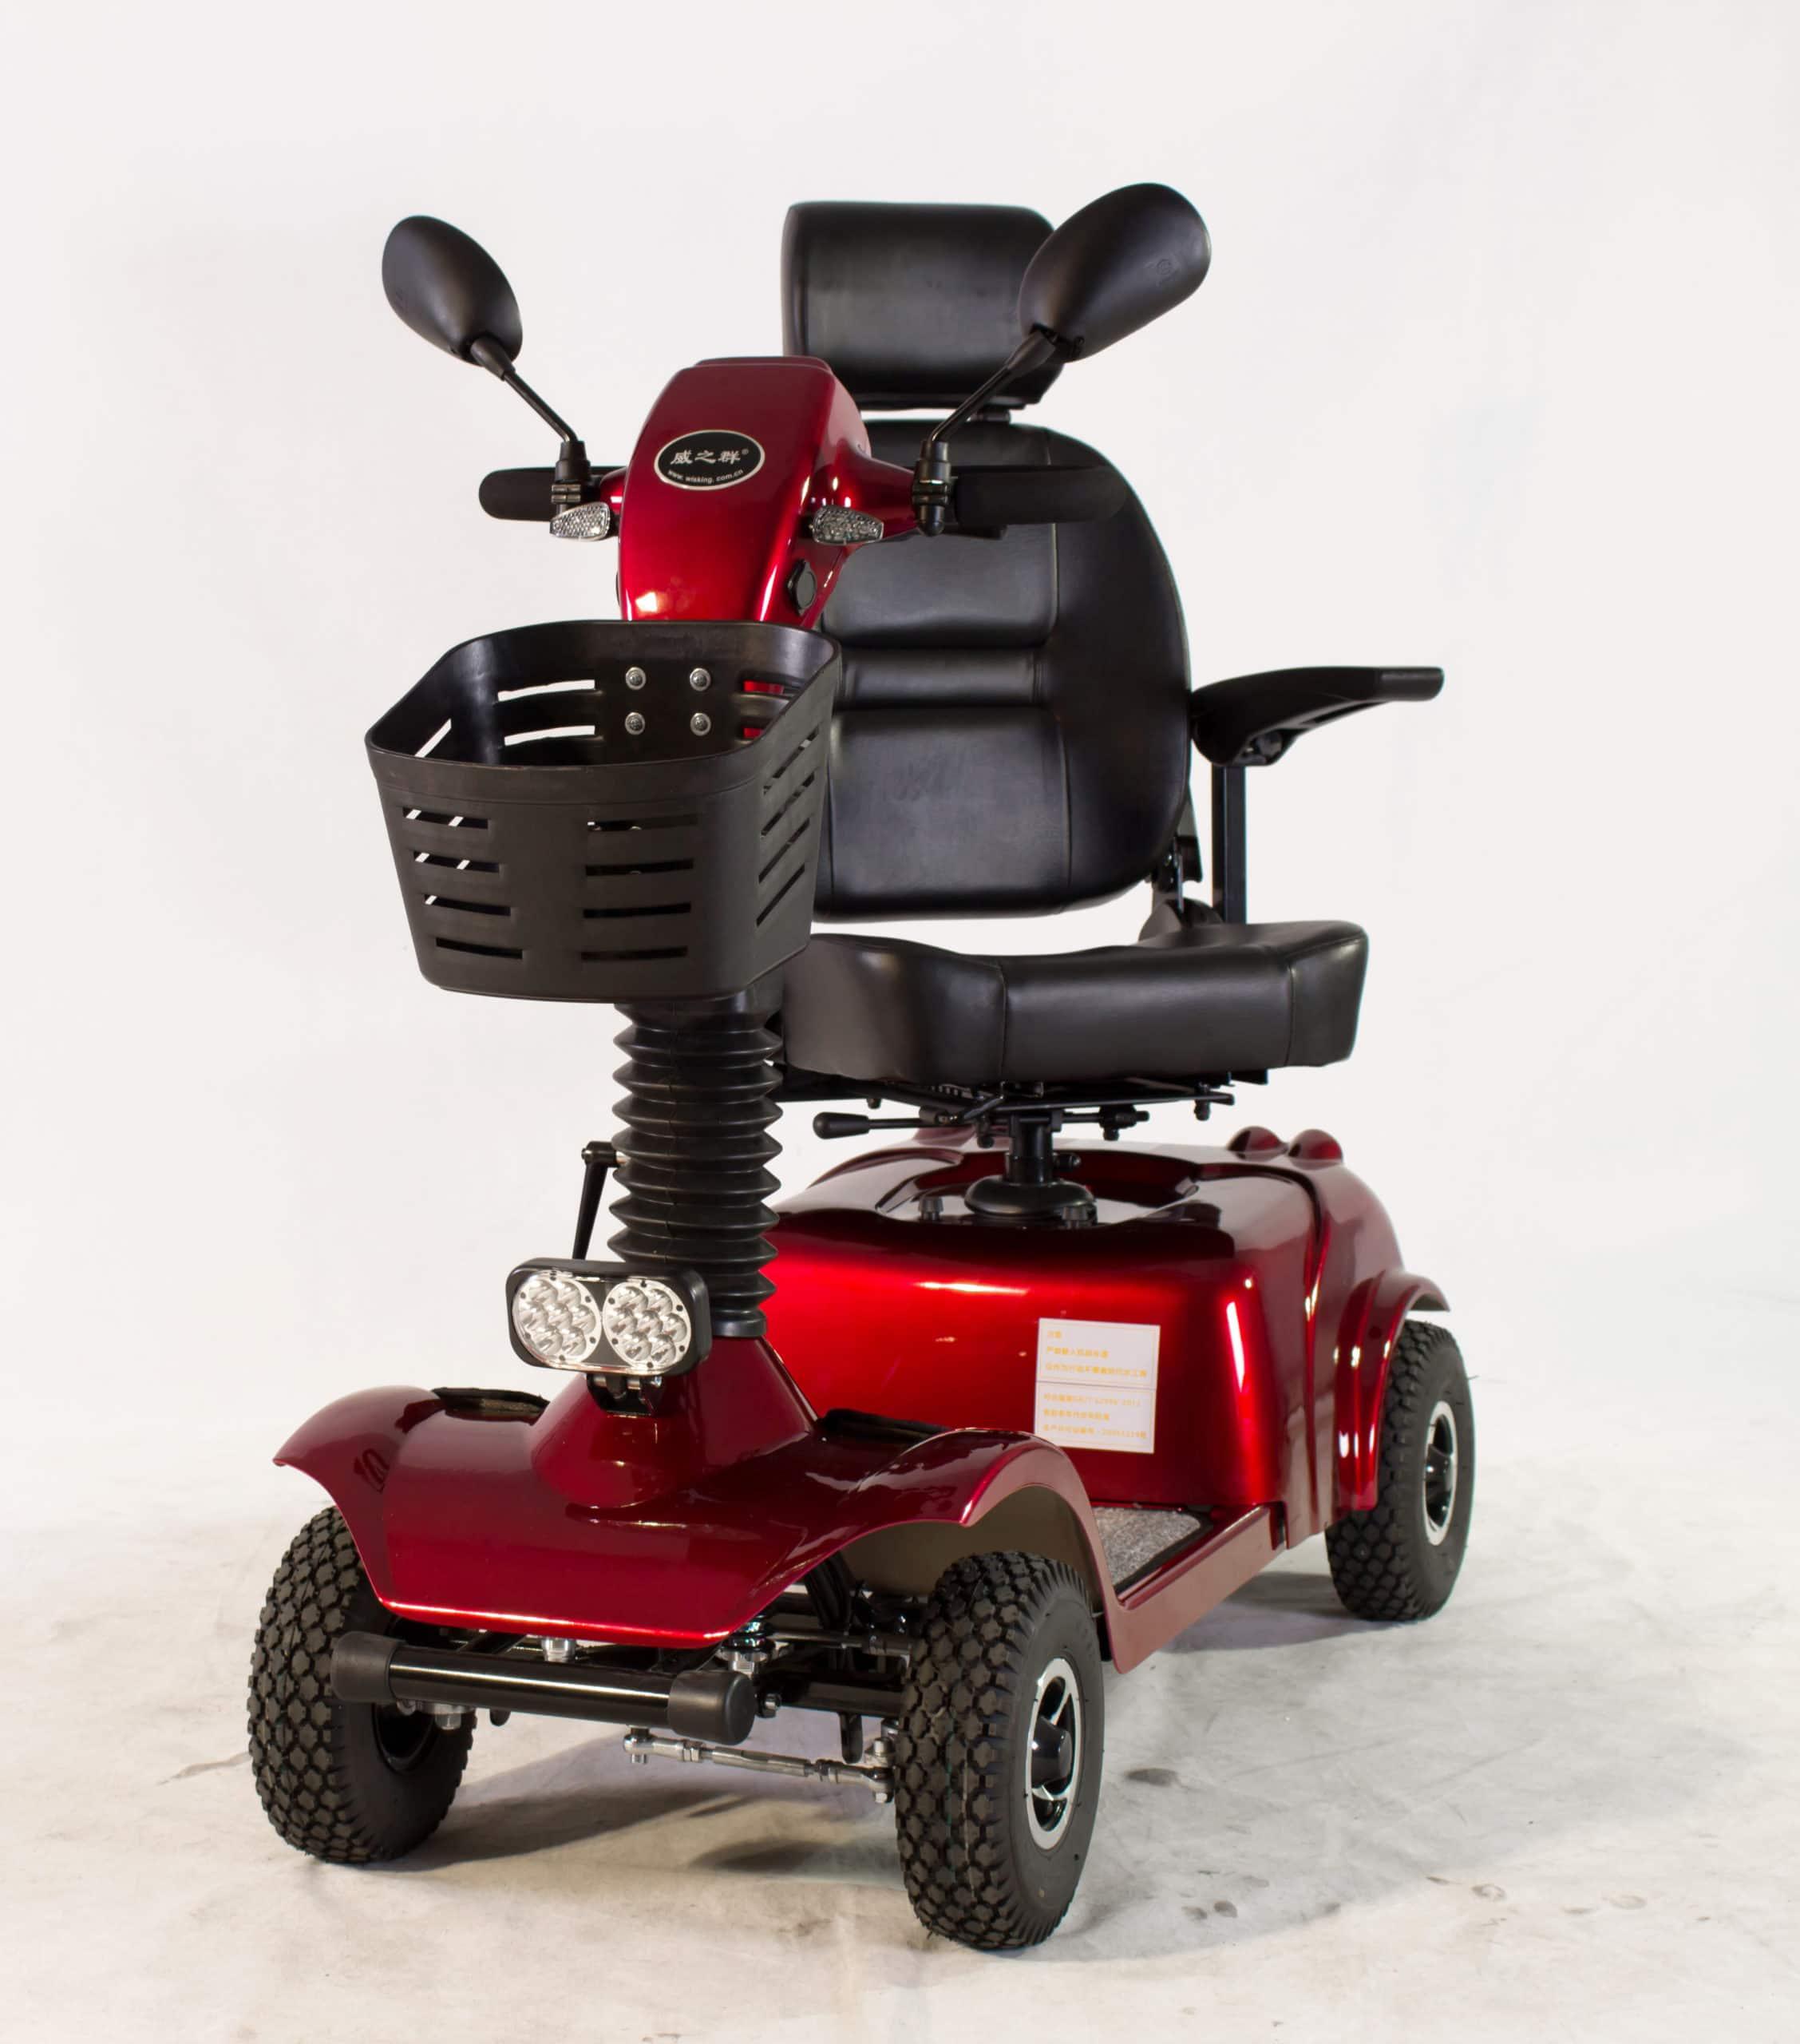 קלנועית עם מושב מסתובב לנוחות מקסמאלית